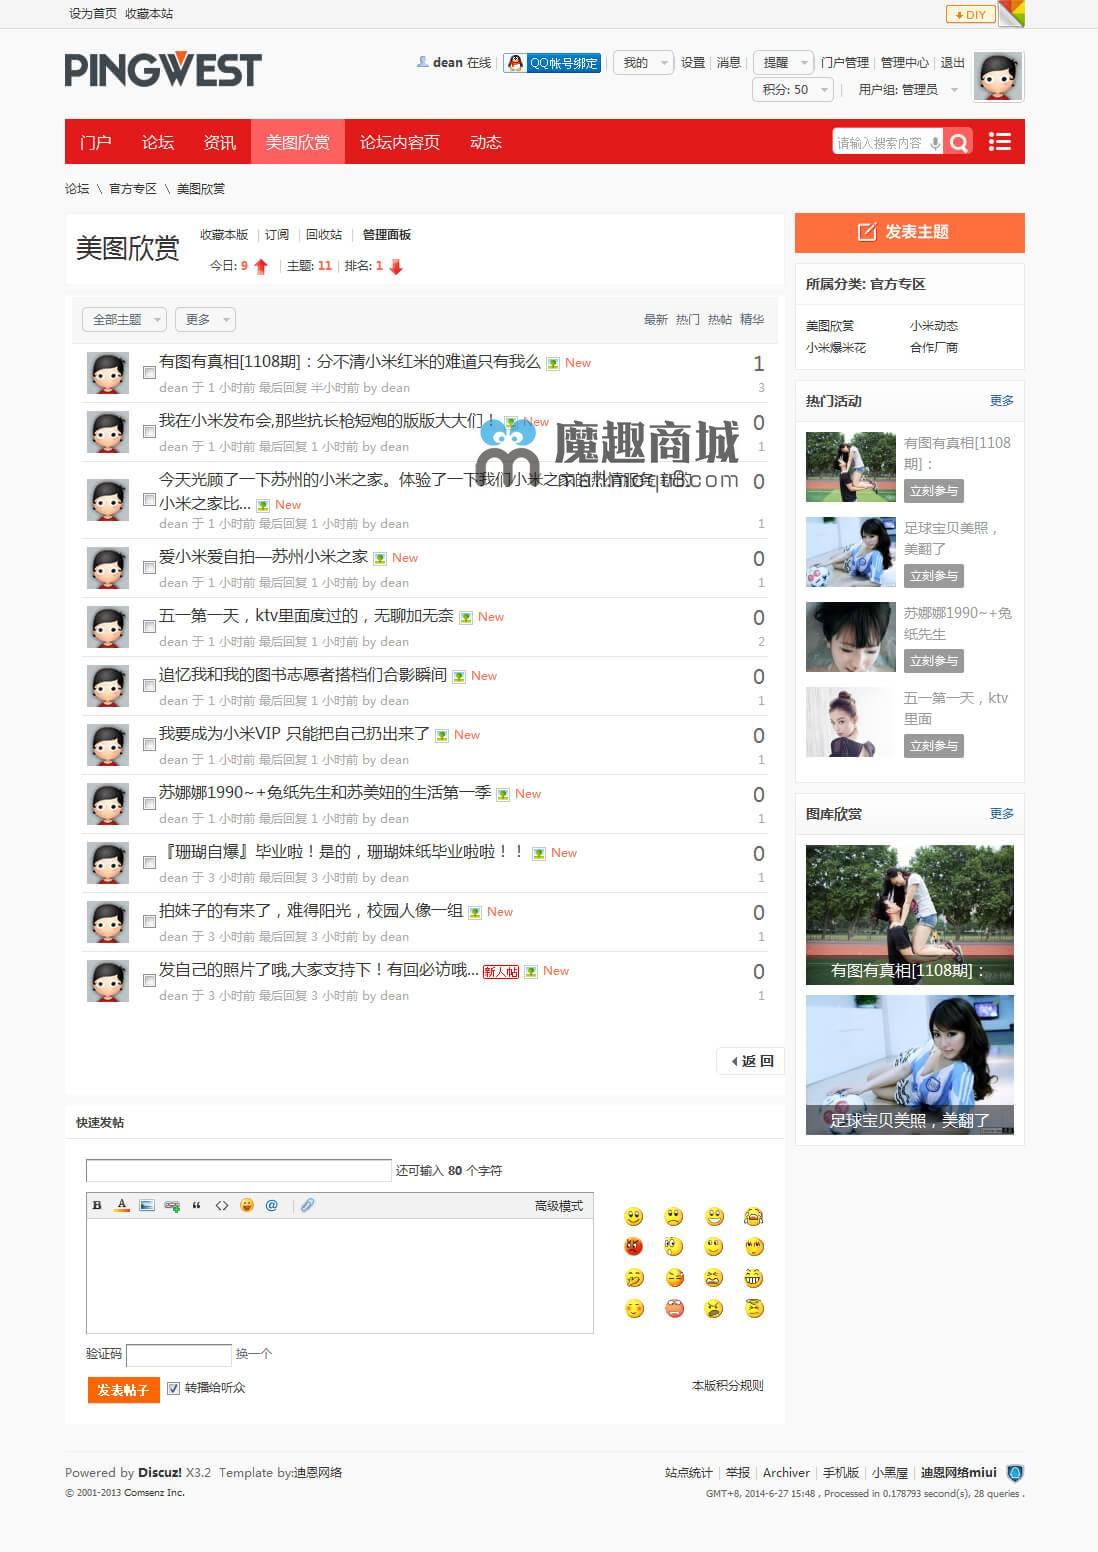 高仿小米MIUI论坛社区七色模板GBK+UTF8